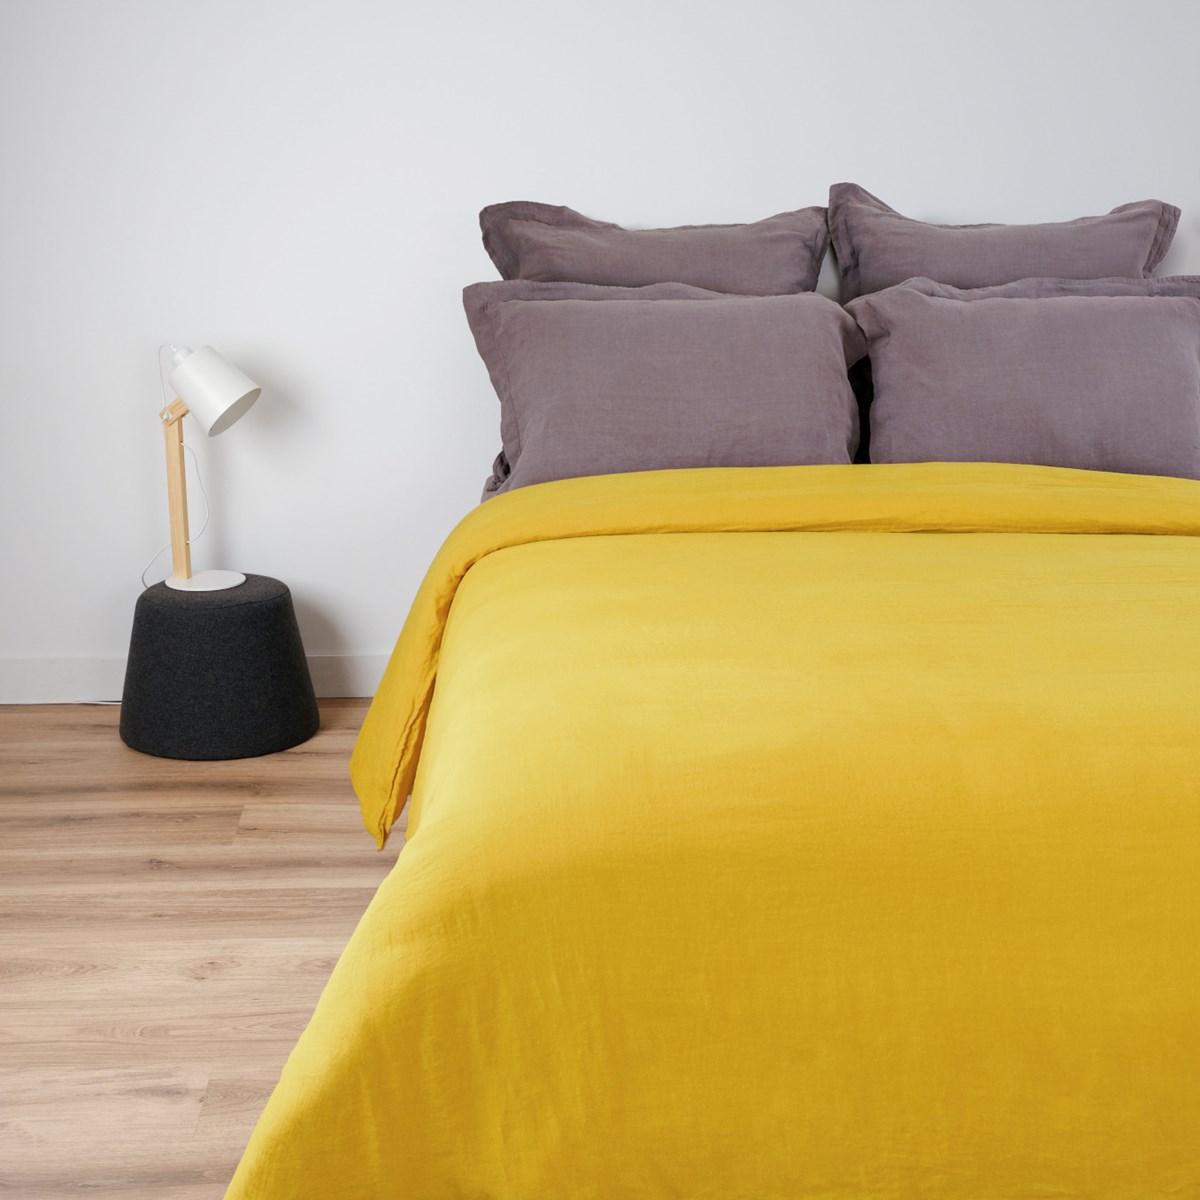 Housse de couette naturelle en lin jaune clair 160x200 cm